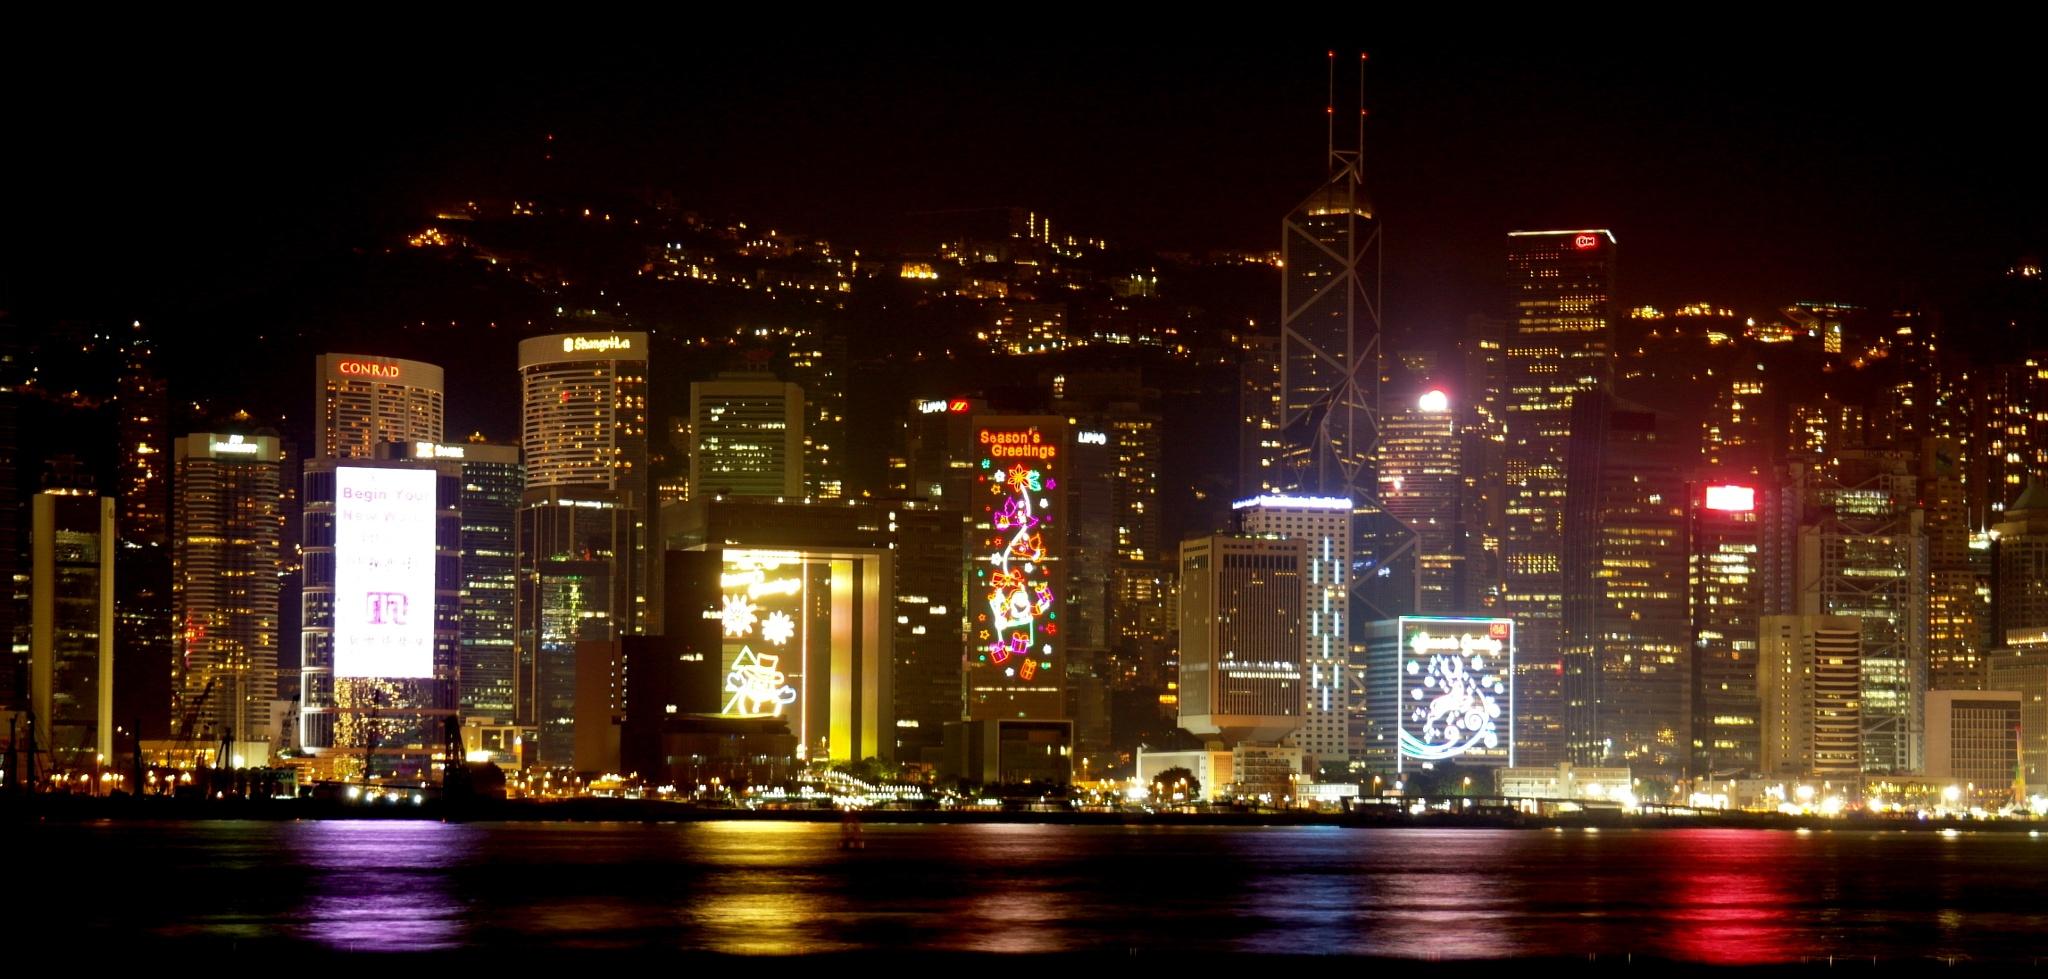 Hong Kong At Night by marinaray